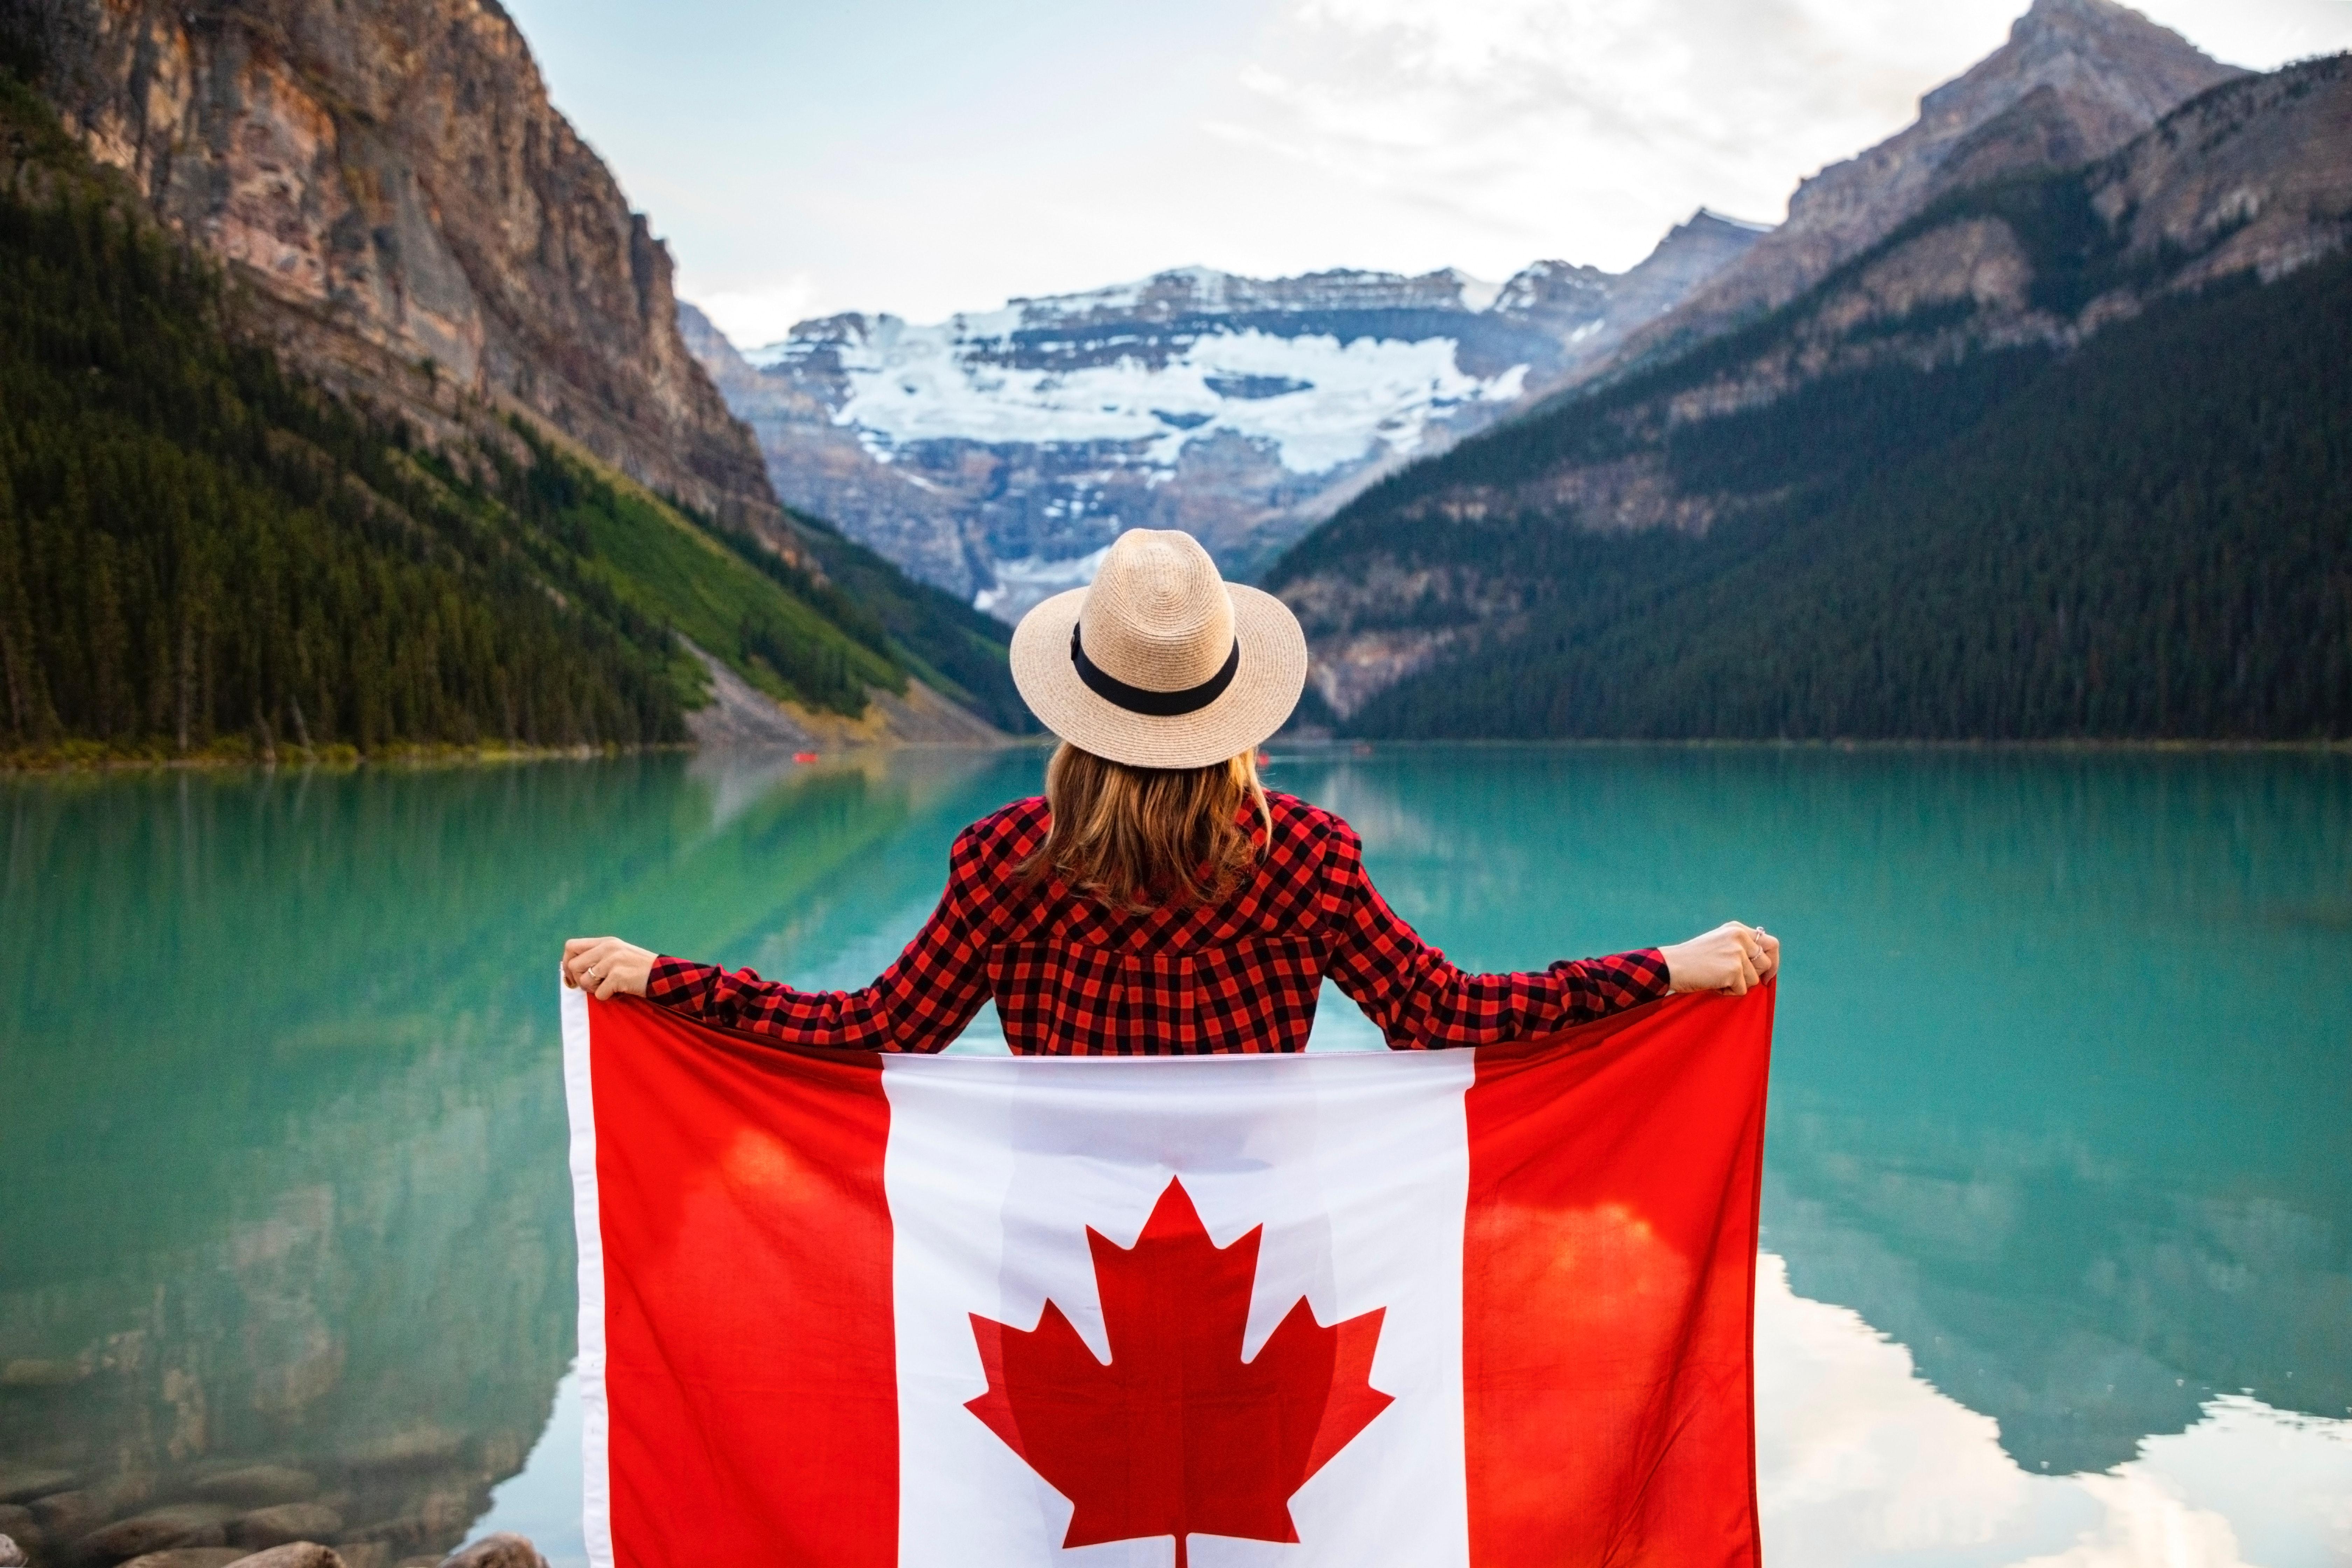 En Canadá, 90% de los graduados (incluso extranjeros) consiguen empleo en tres meses